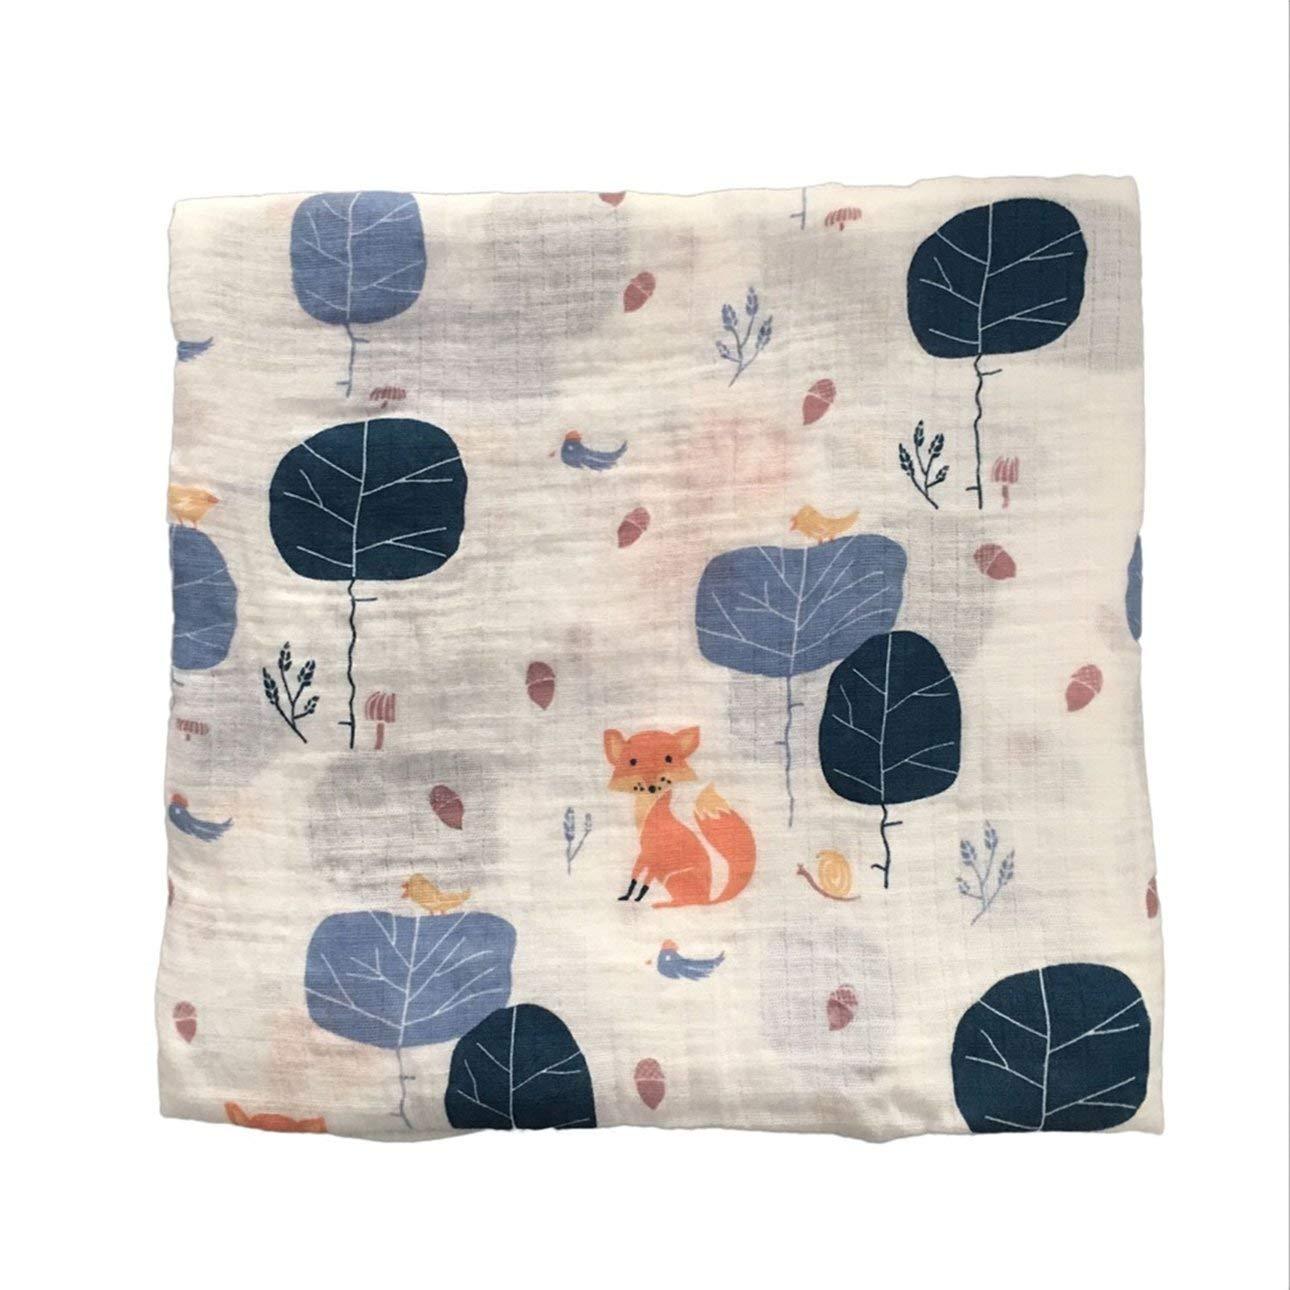 Ballylelly 120x120cm Mousseline Couverture b/éb/é Langes Coton 100/% Nouveau-n/é b/éb/é Serviette de Bain Swaddle couvertures Multi Designs Fonctions